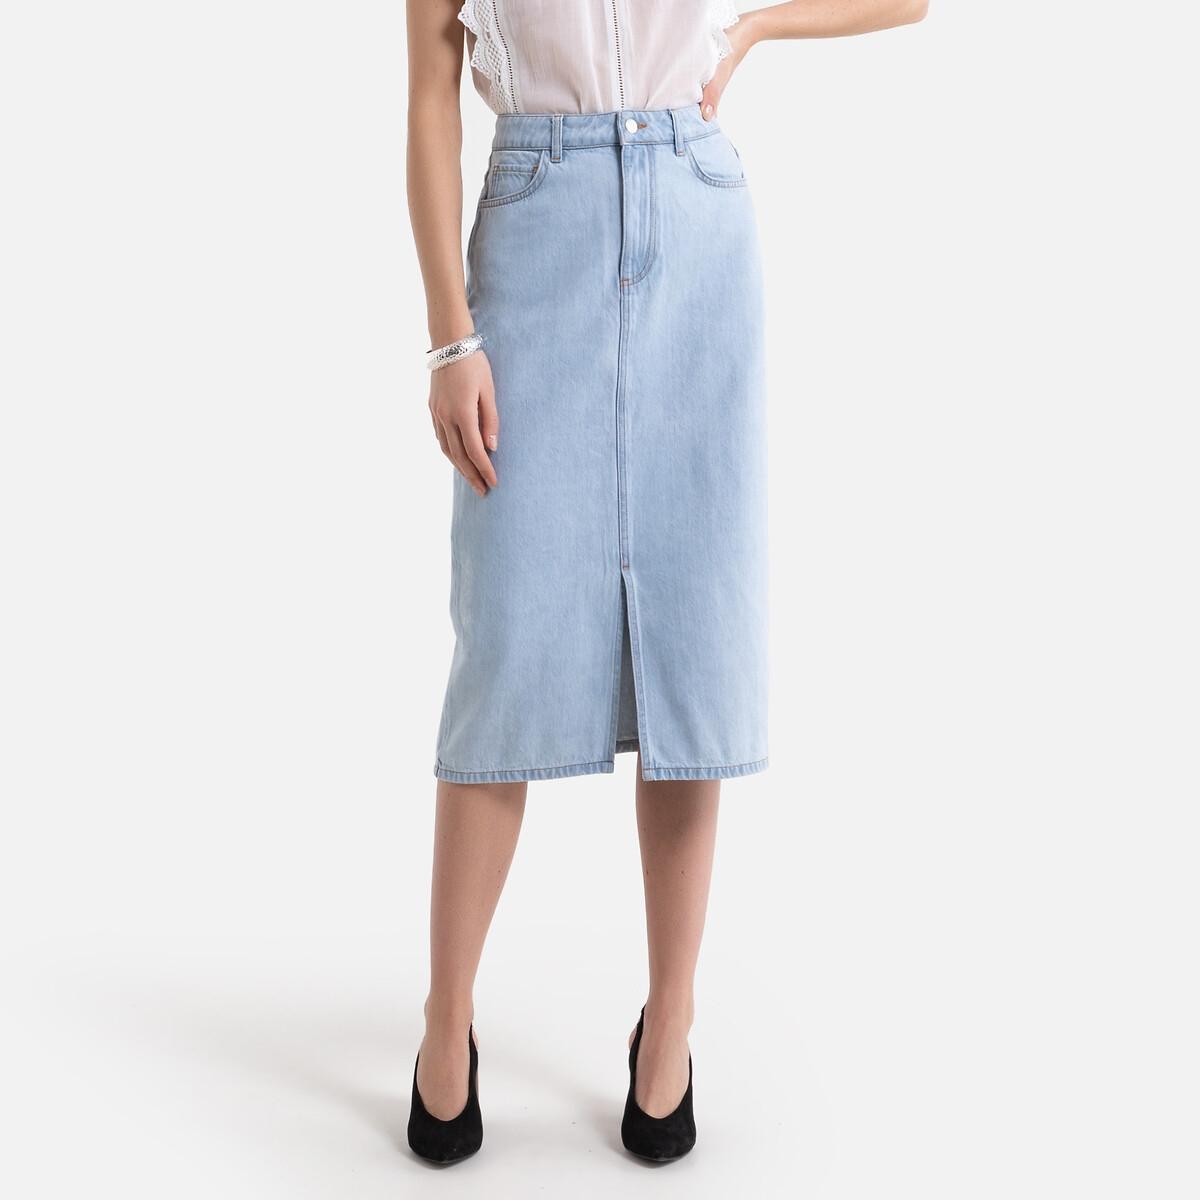 Falda recta de denim, semilarga